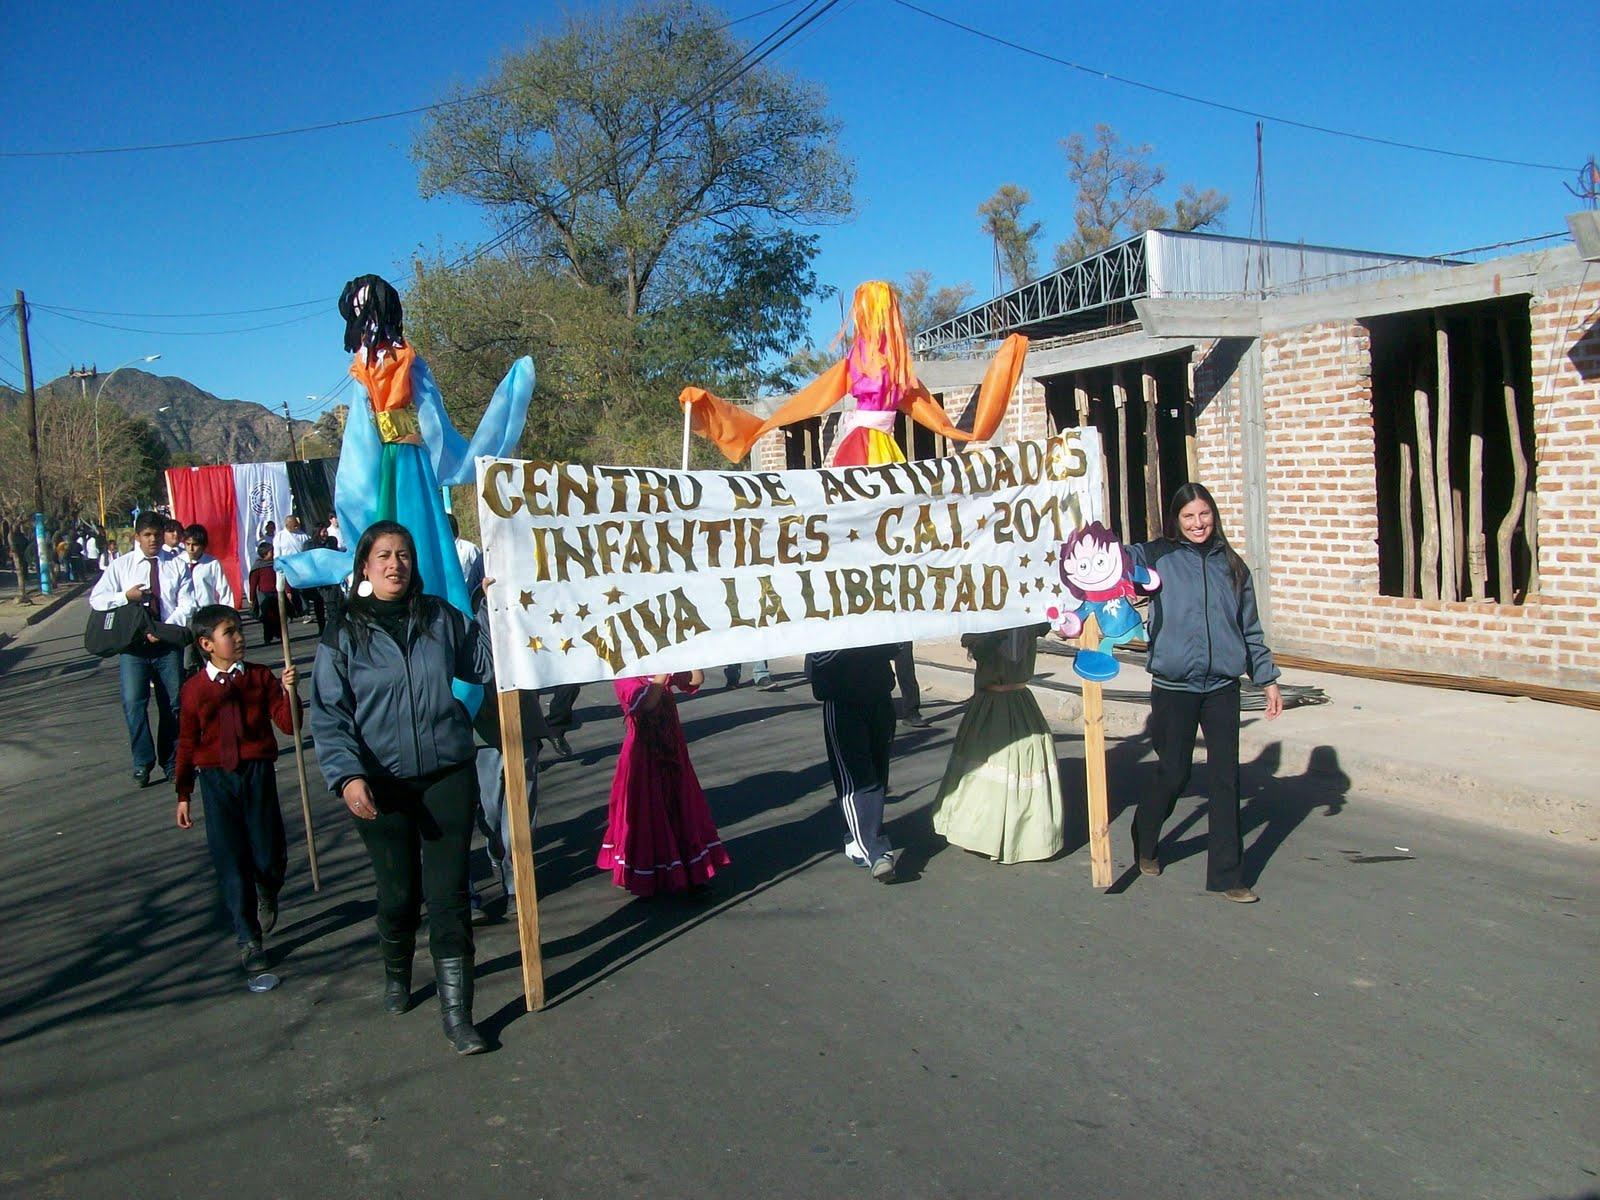 Souvenirs Dia De La Independencia Argentina | MEJOR CONJUNTO DE FRASES